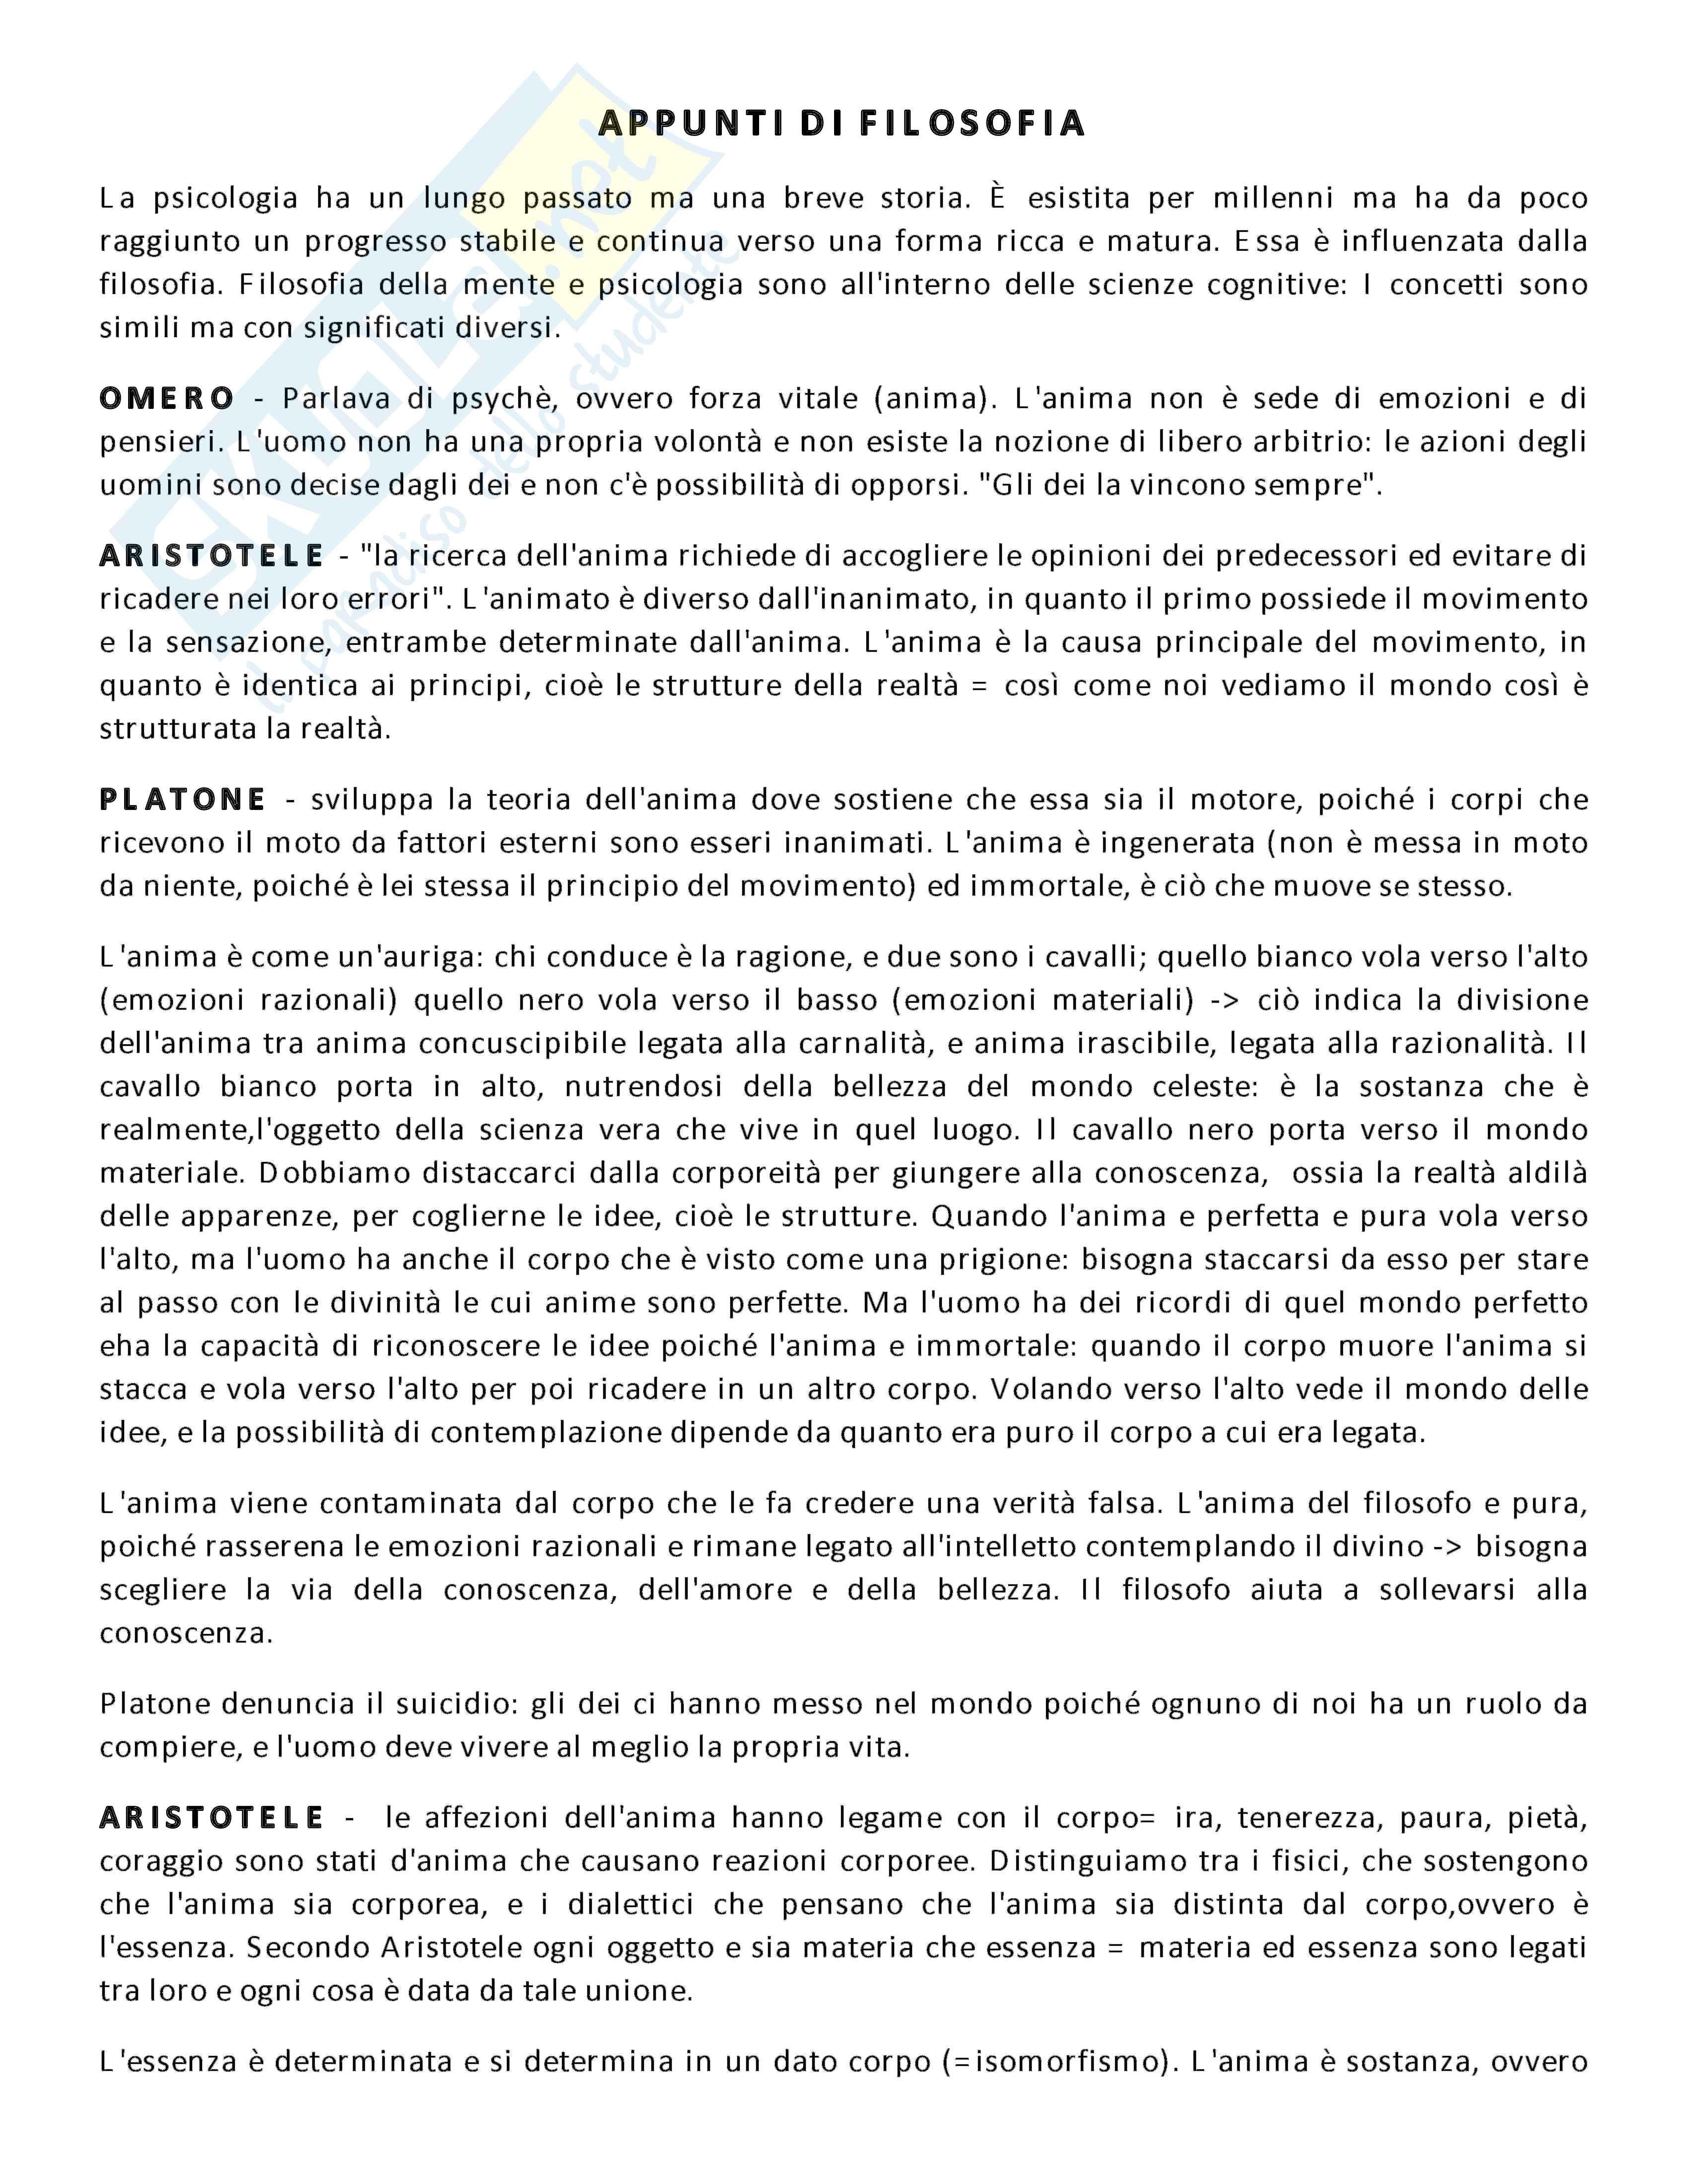 Appunti lezione di Filosofia - Università di Torino